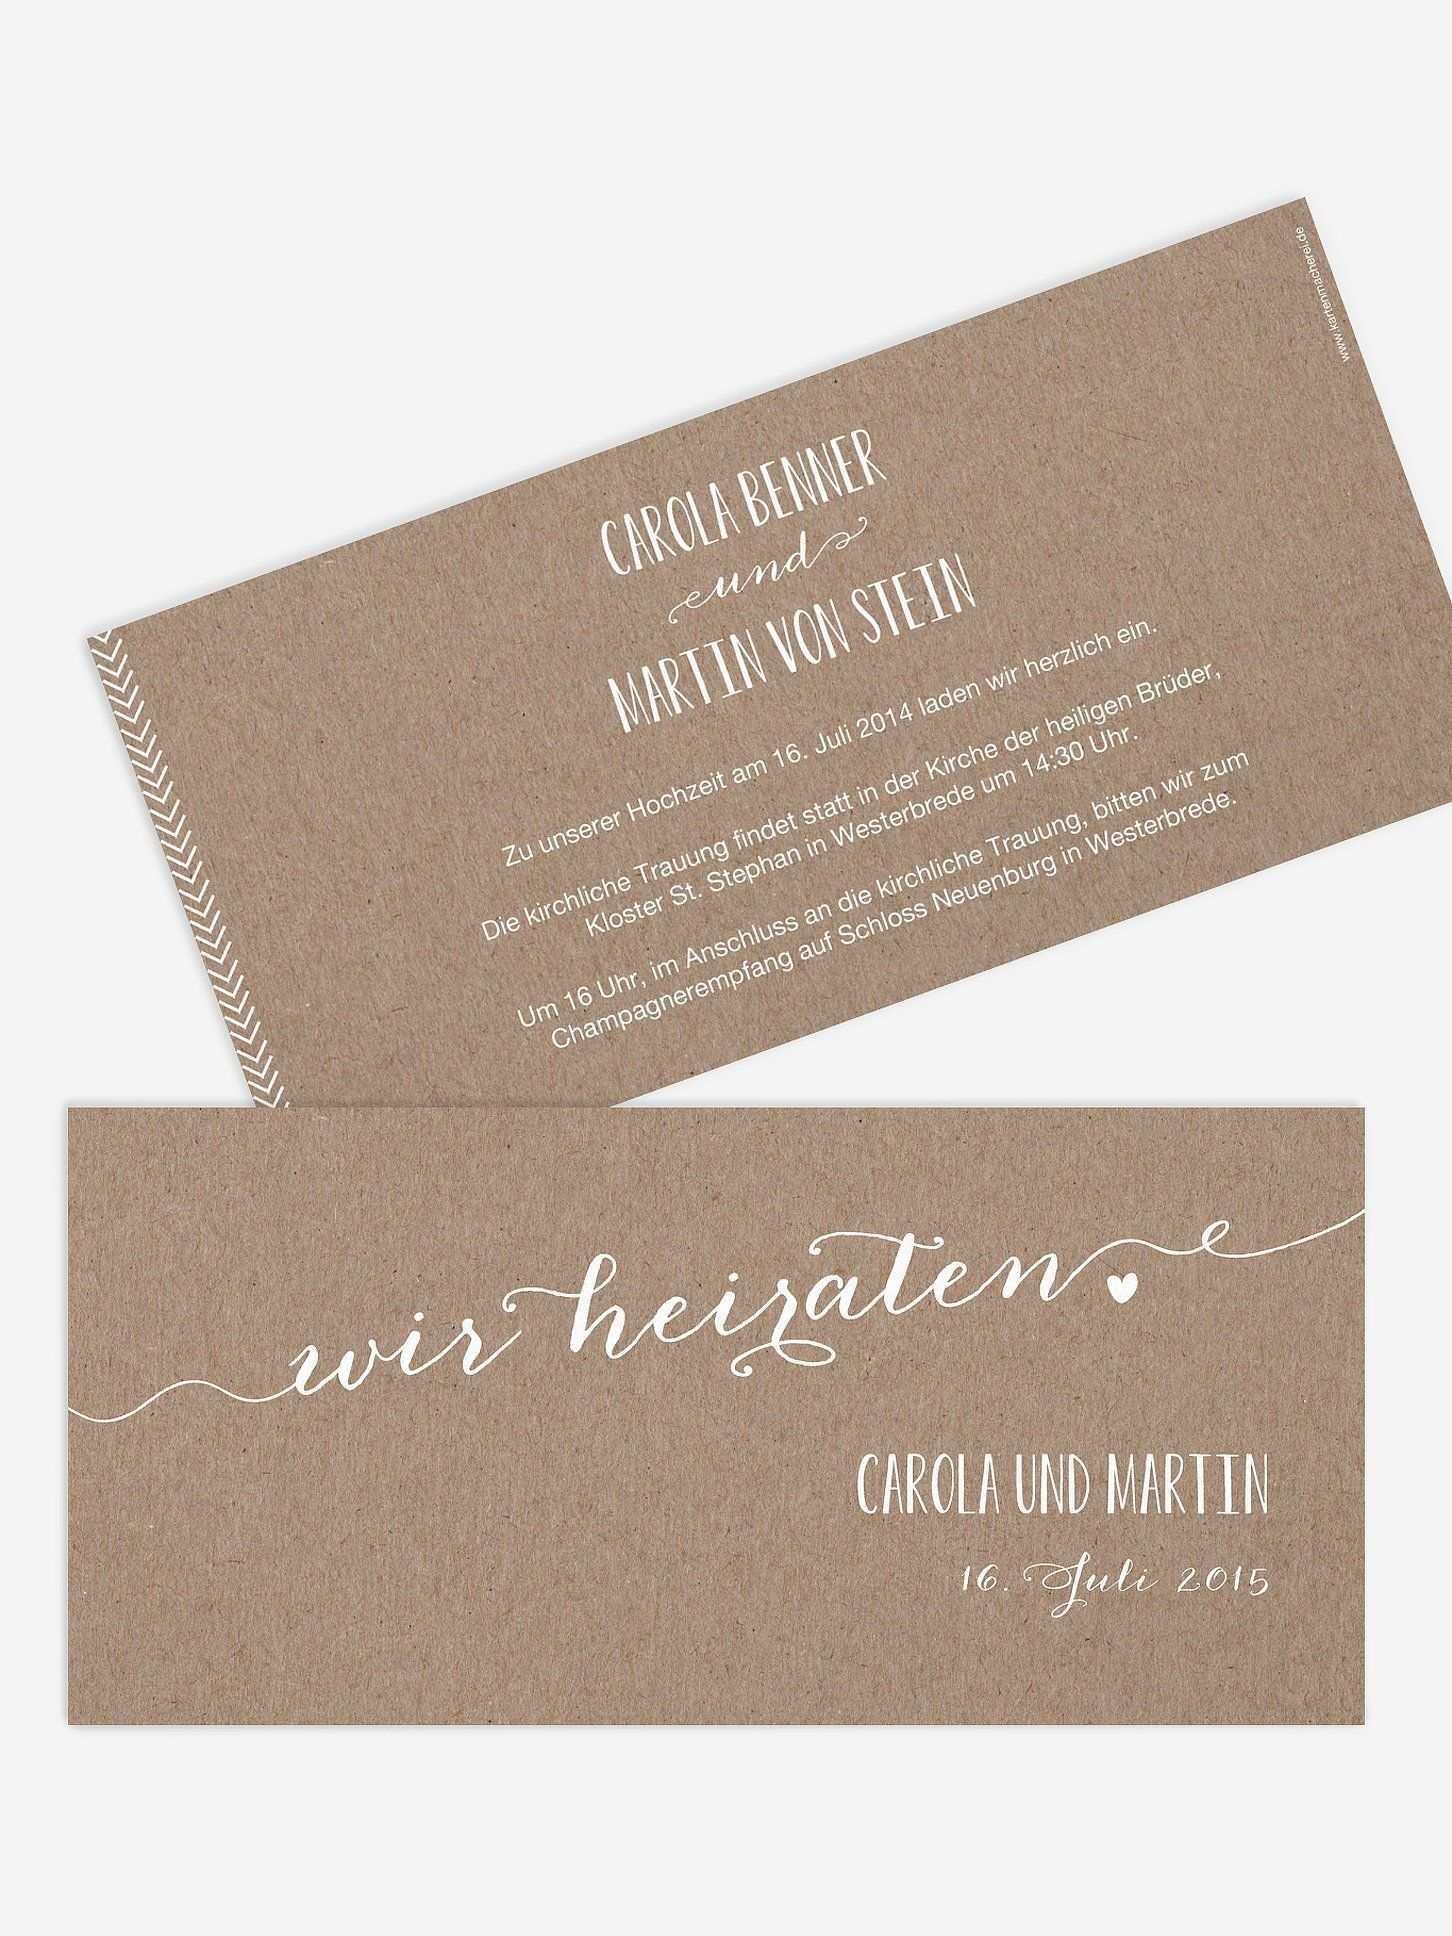 Hochzeitseinladung Kalligrafie Einladung Silberhochzeit Einladung Goldene Hochzeit Hochzeitseinladung